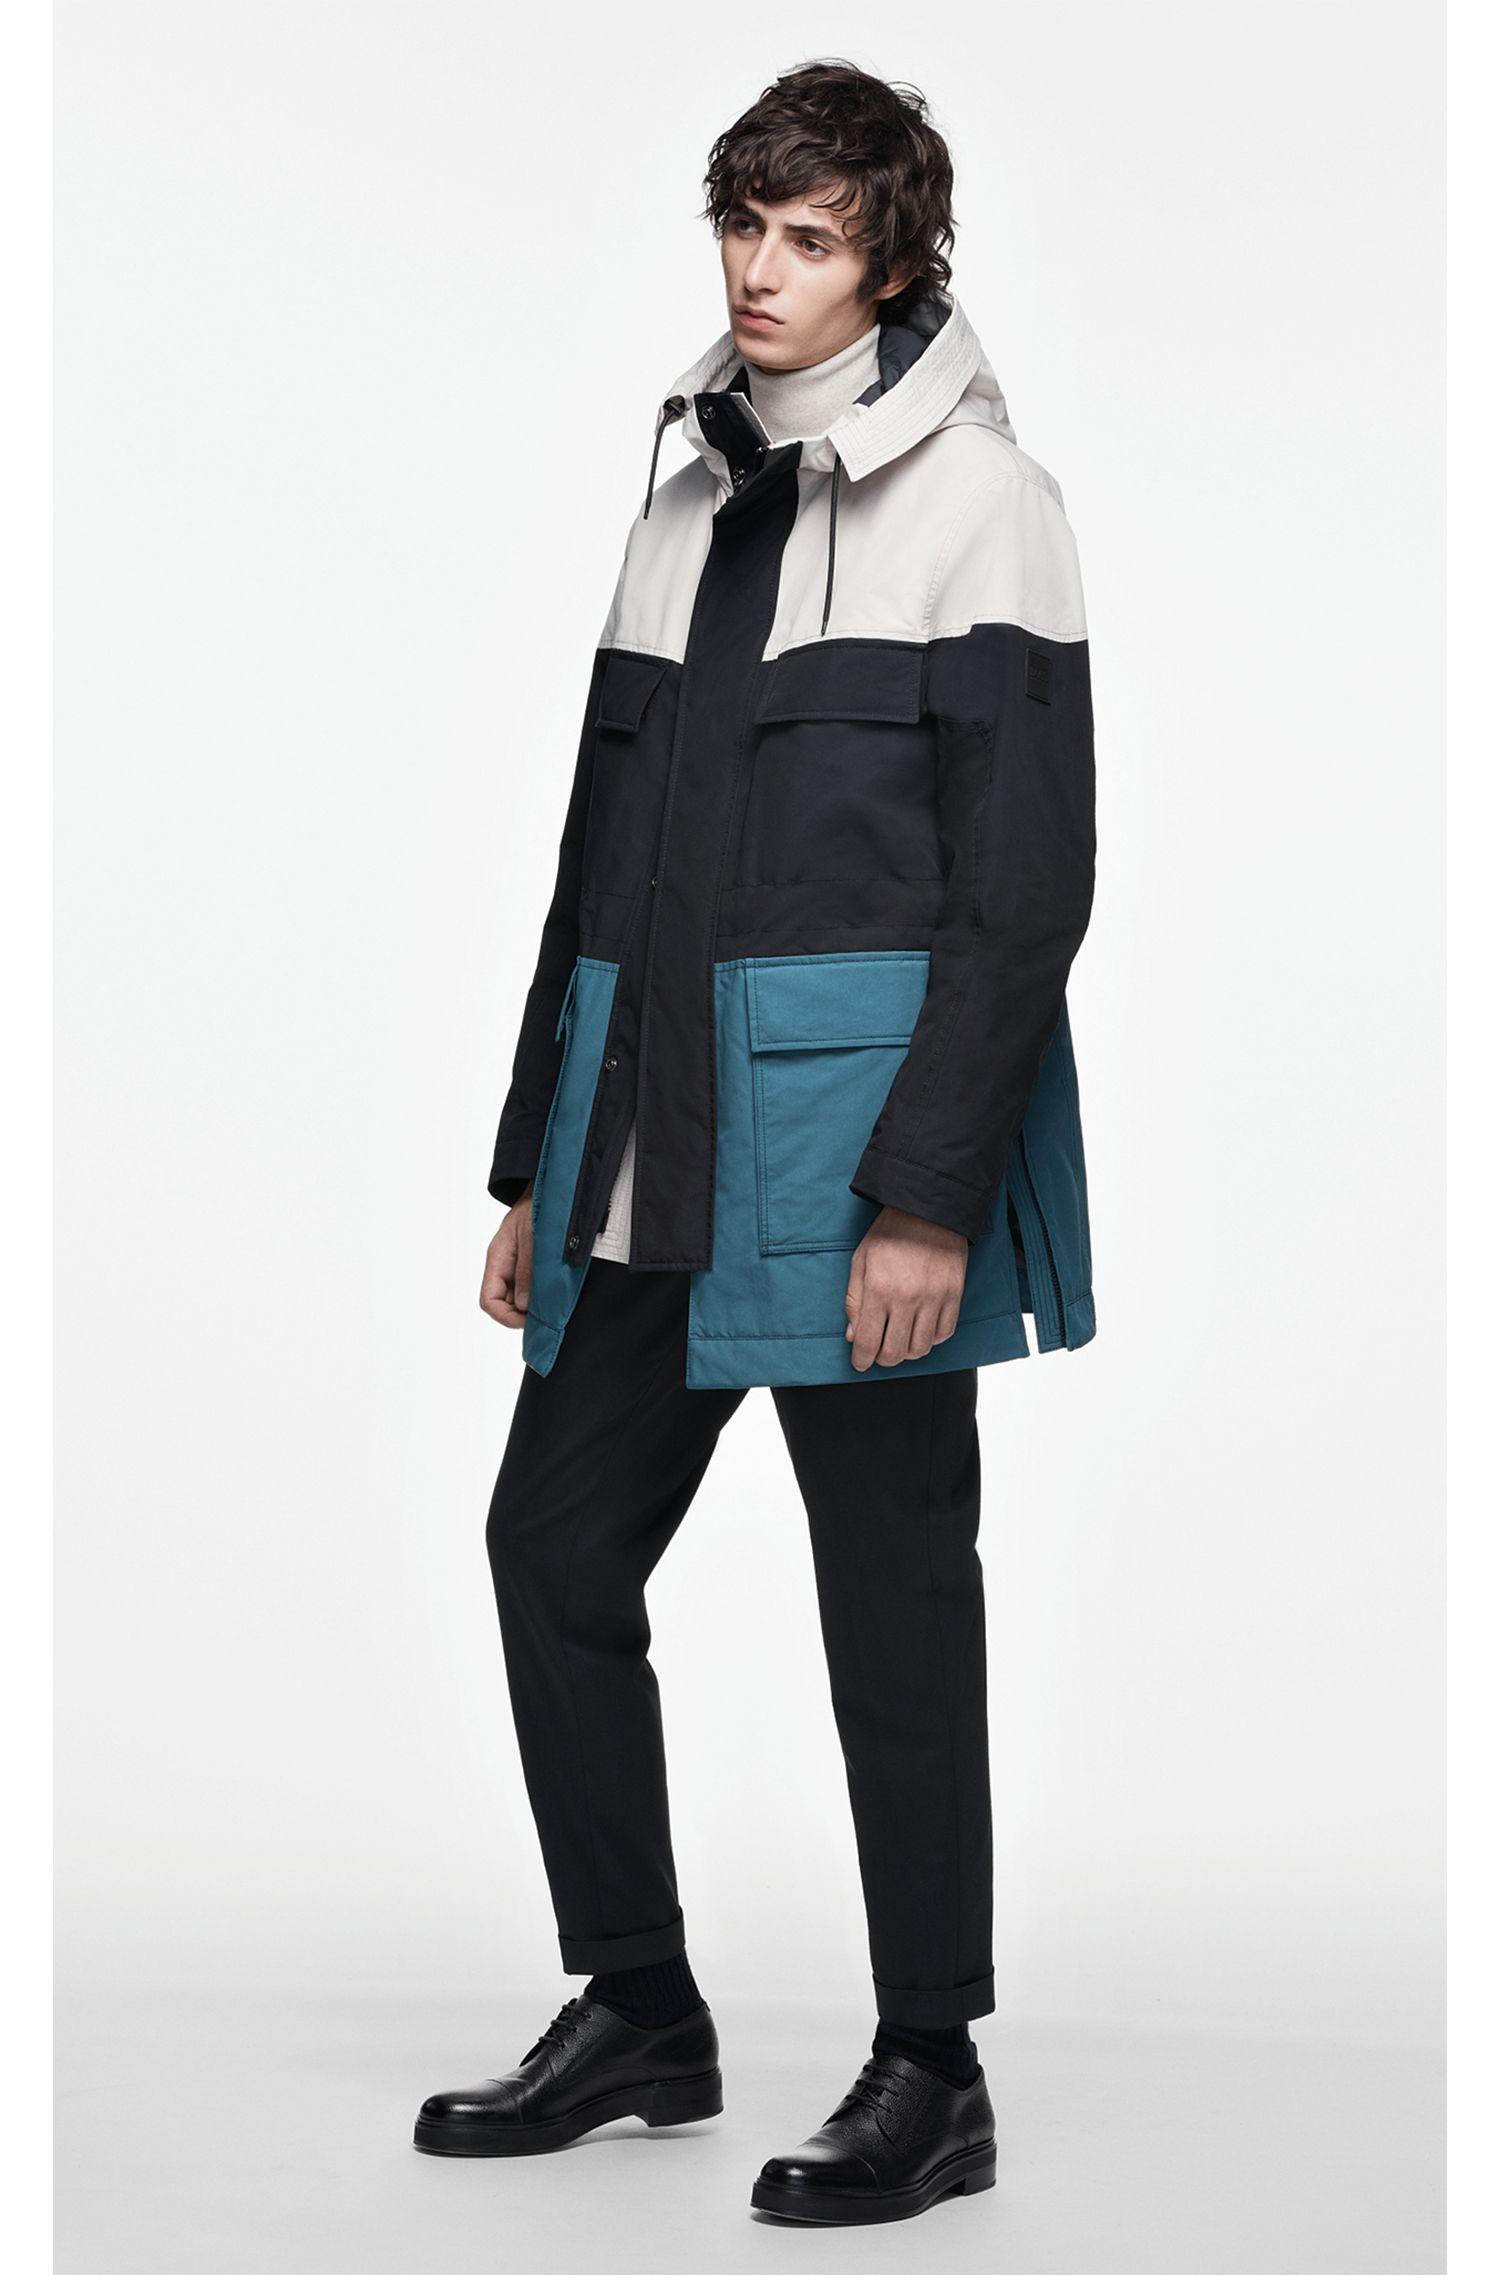 Maglione con colletto a tartaruga in pregiata lana merino realizzata in Italia, Beige chiaro